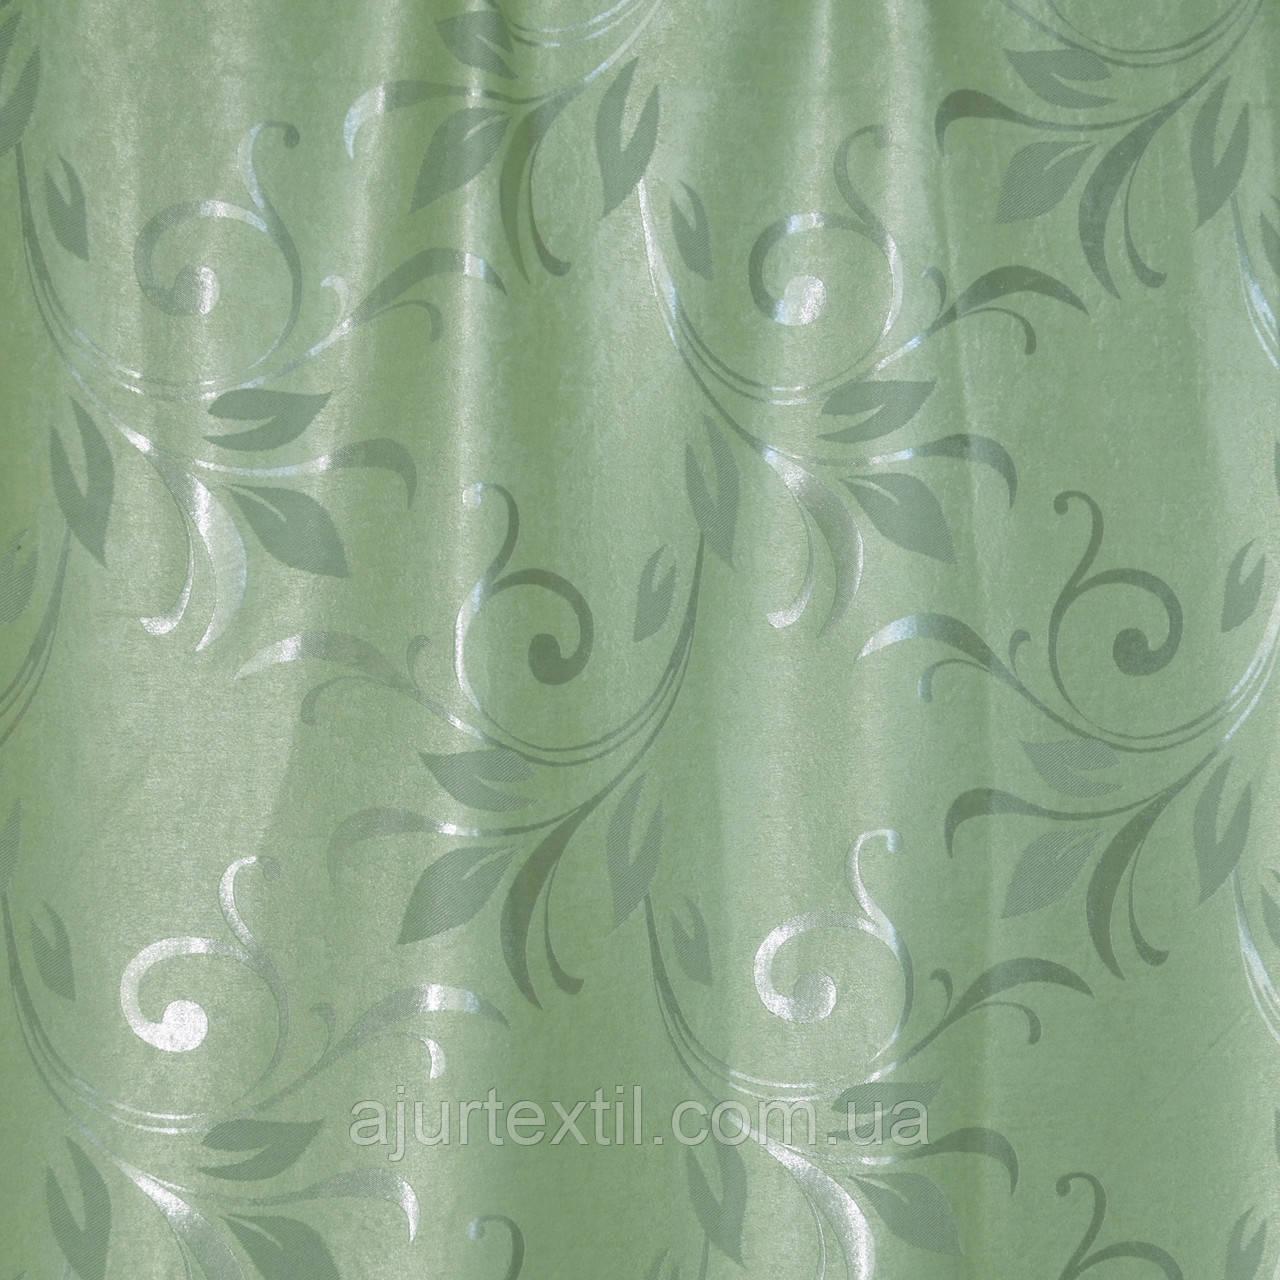 """Штора Блекаут """"Королівські пелюстки зелень"""" світлонепроникні штори"""